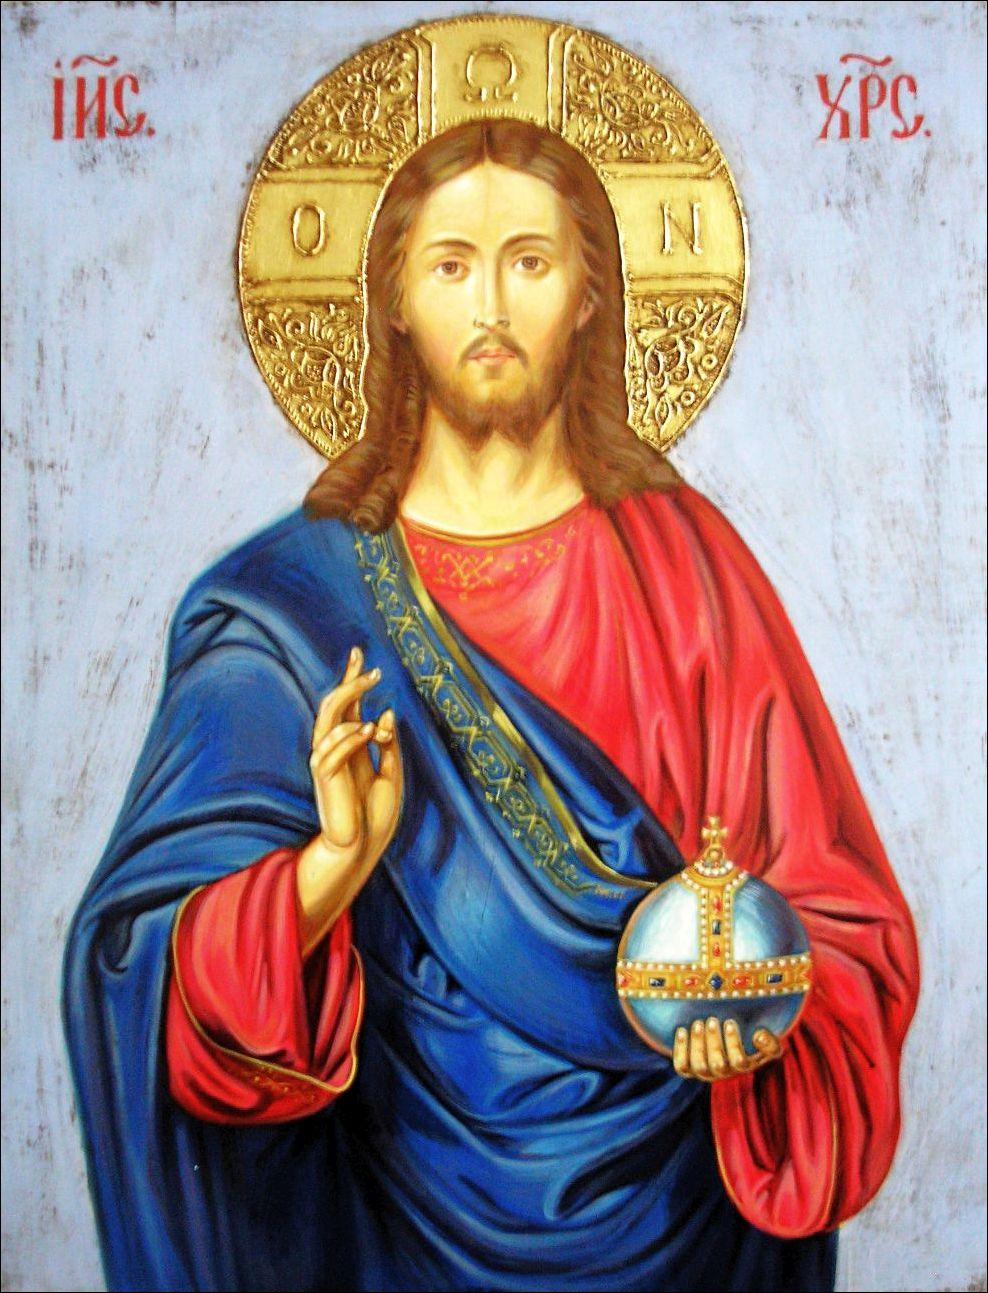 christus vincit regnat imperat